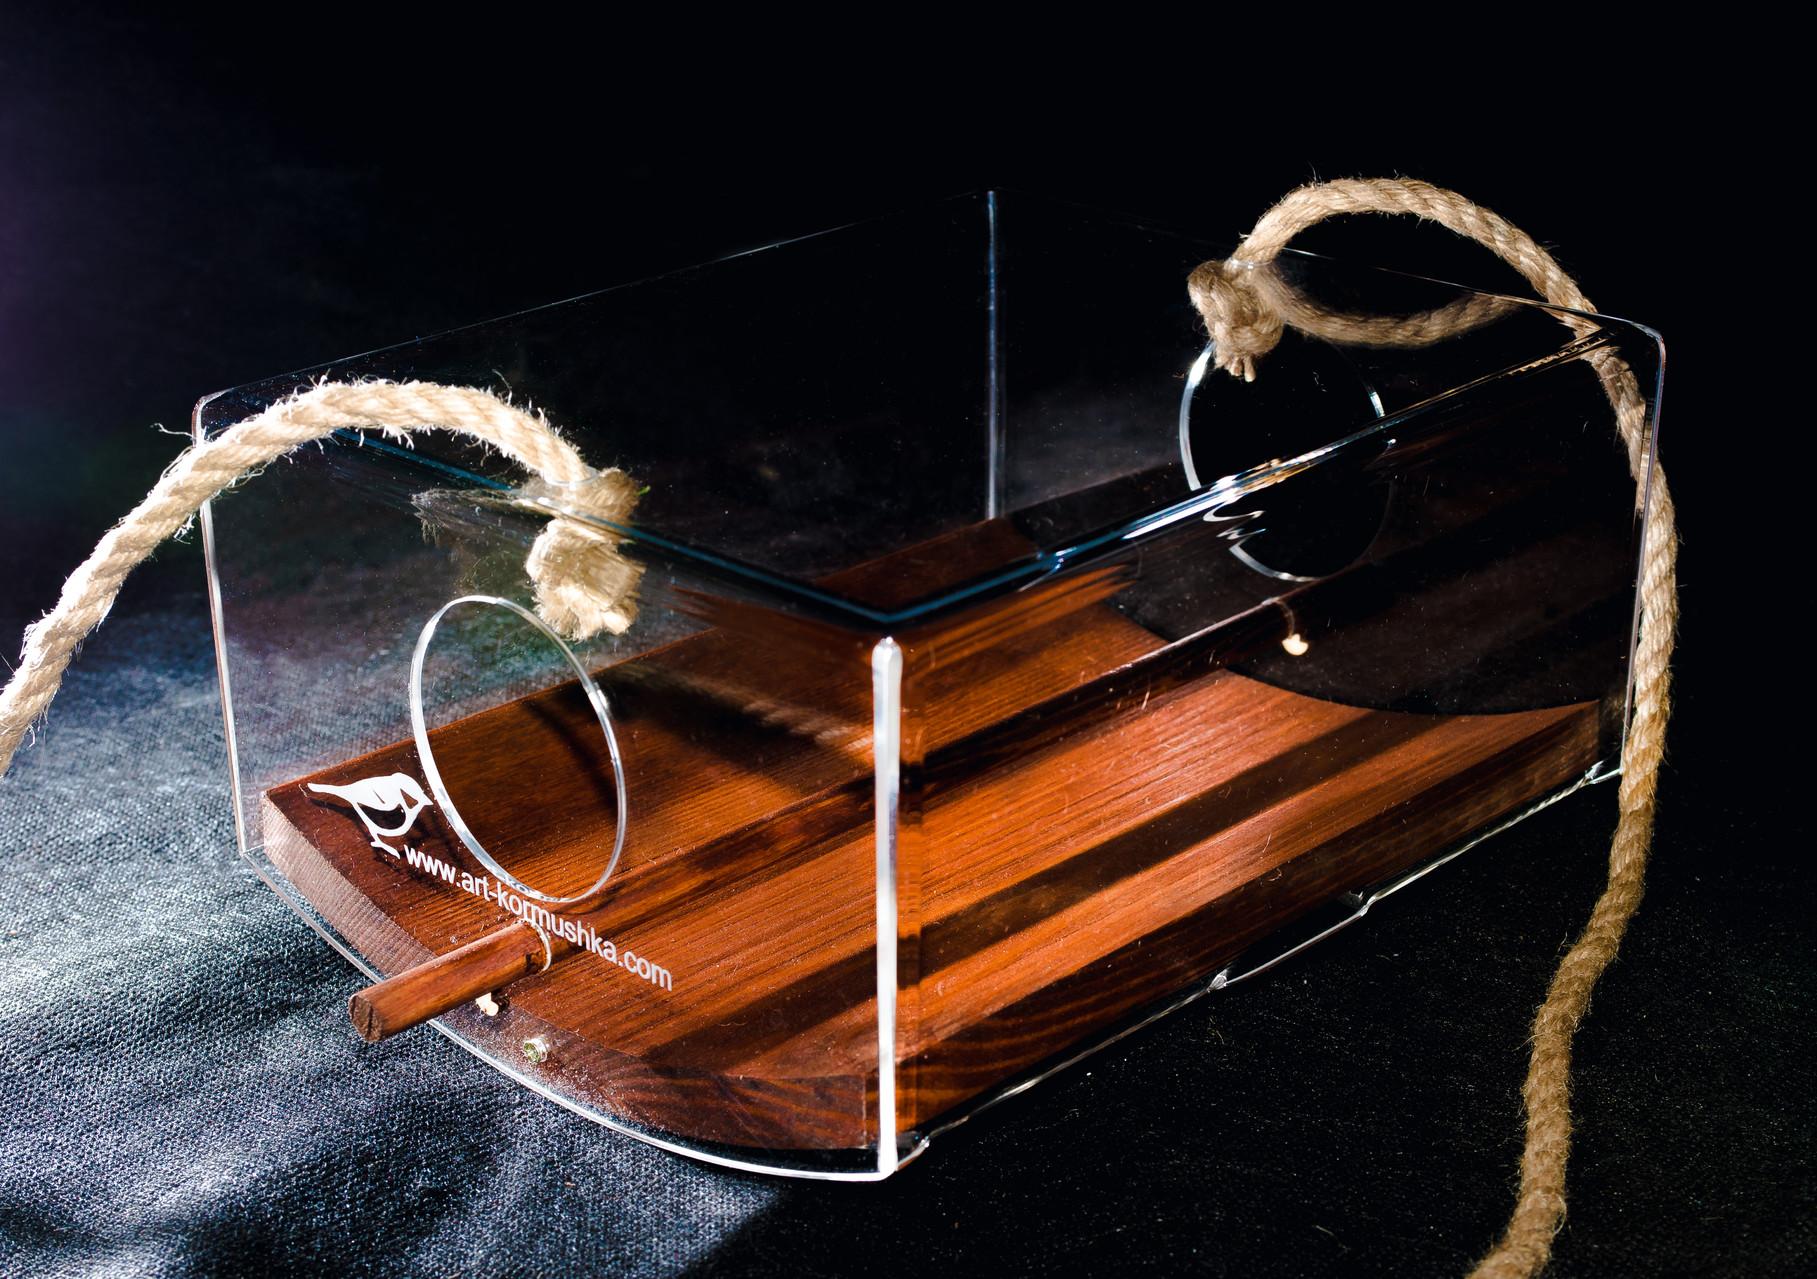 Прозрачная кормушка для птиц с деревянным днищем Ковчег Плато